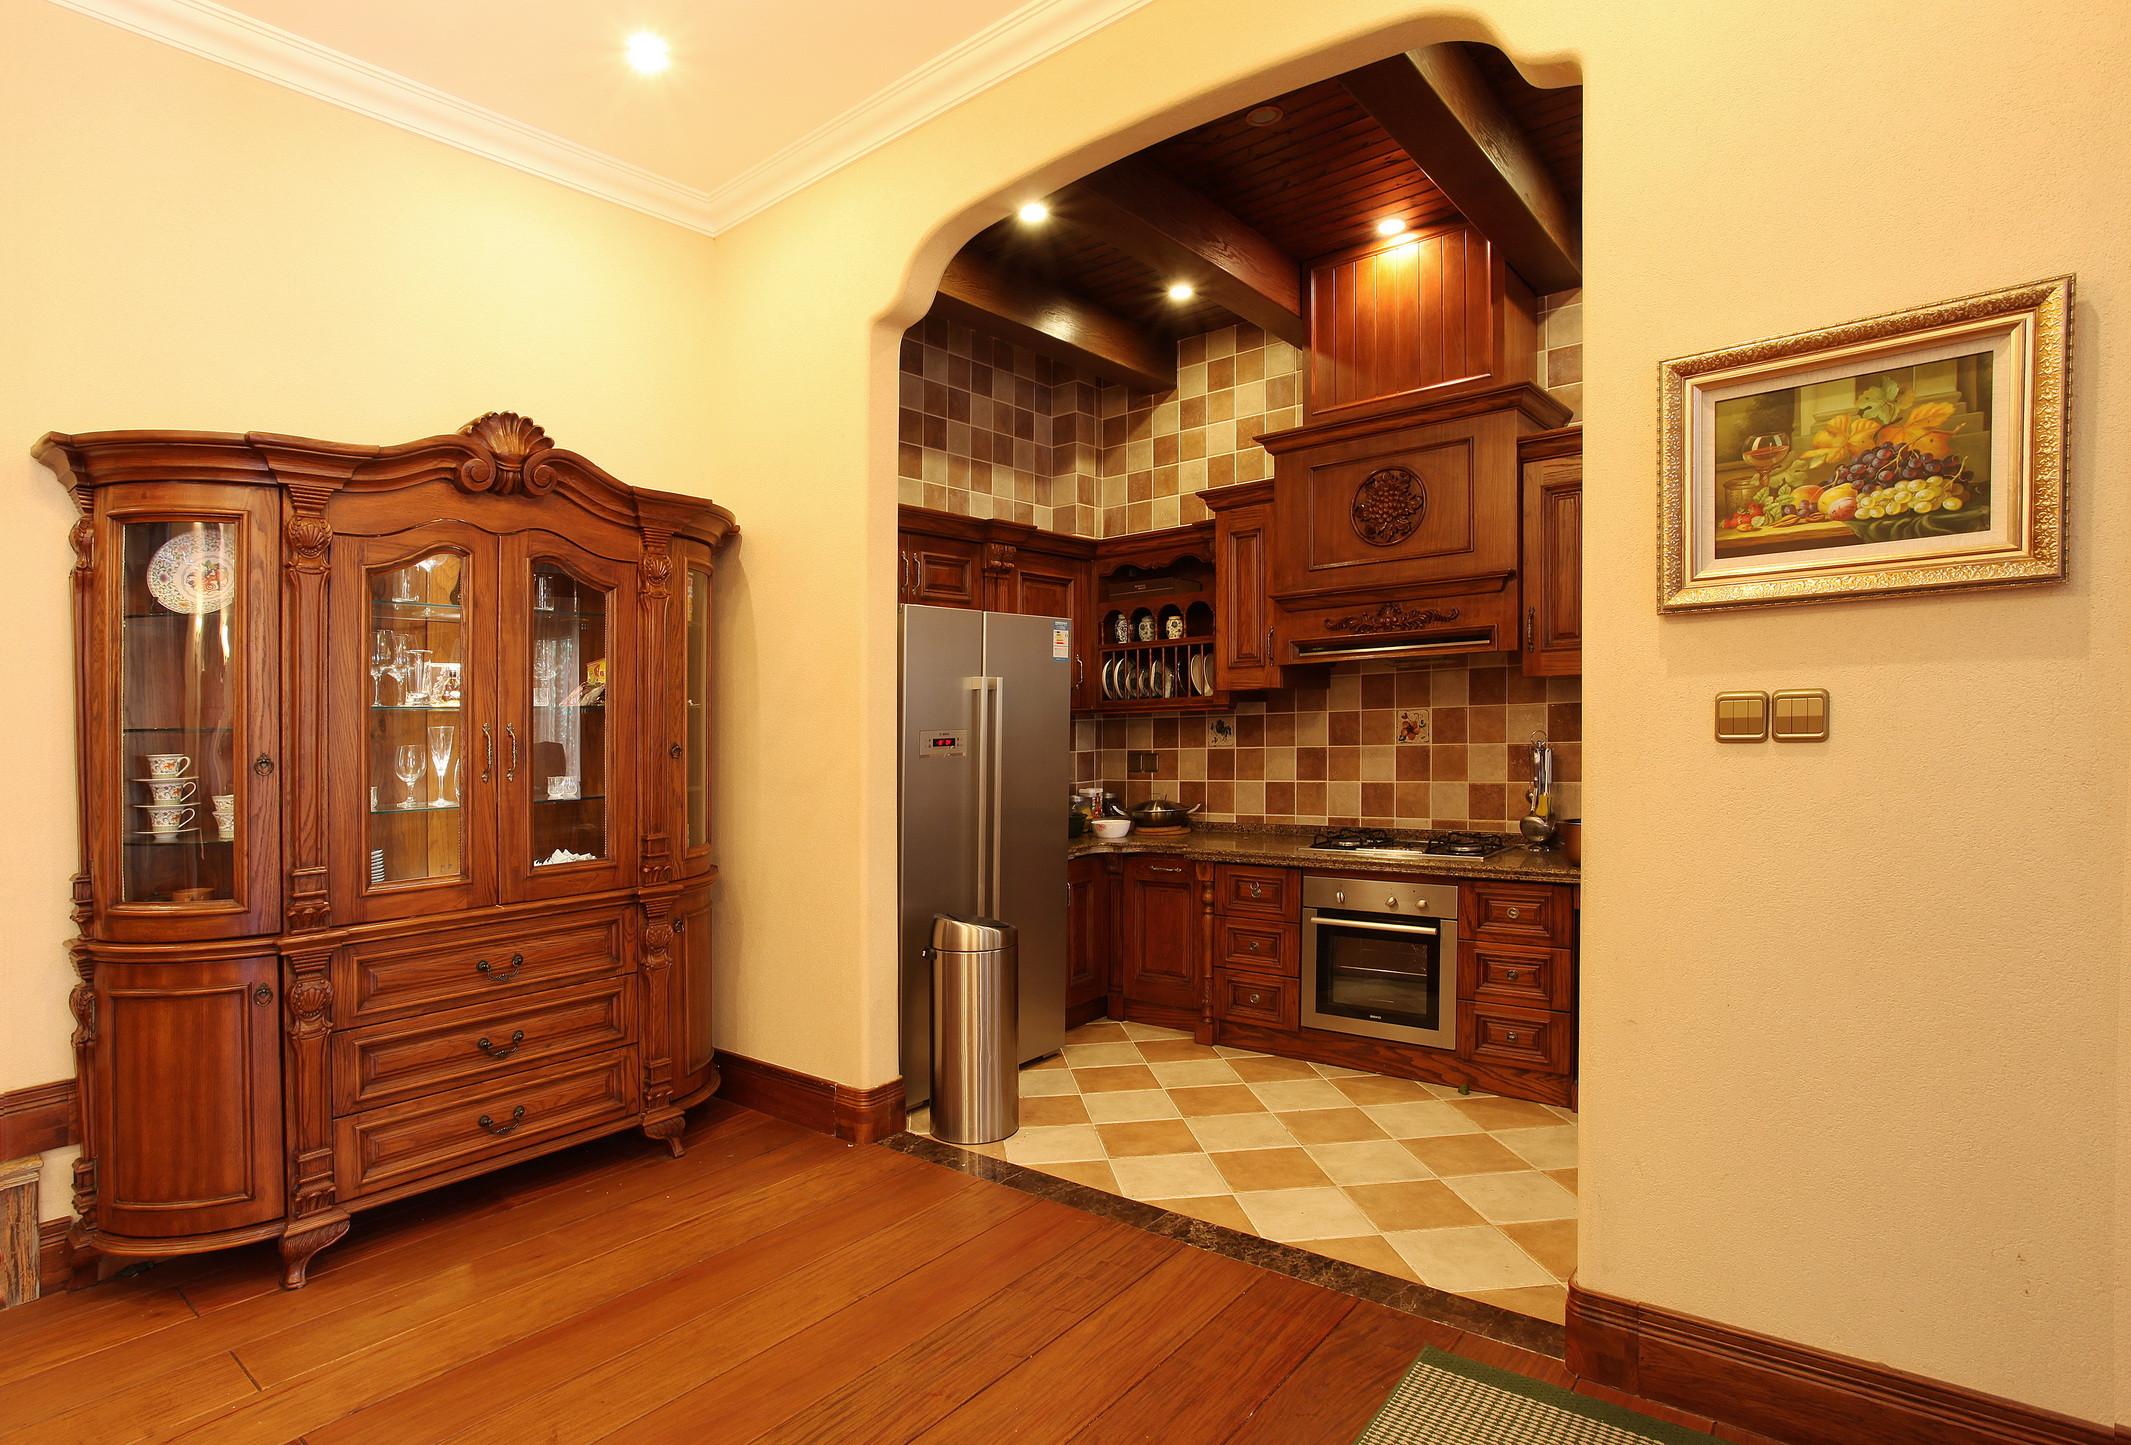 美式别墅装修厨房设计图